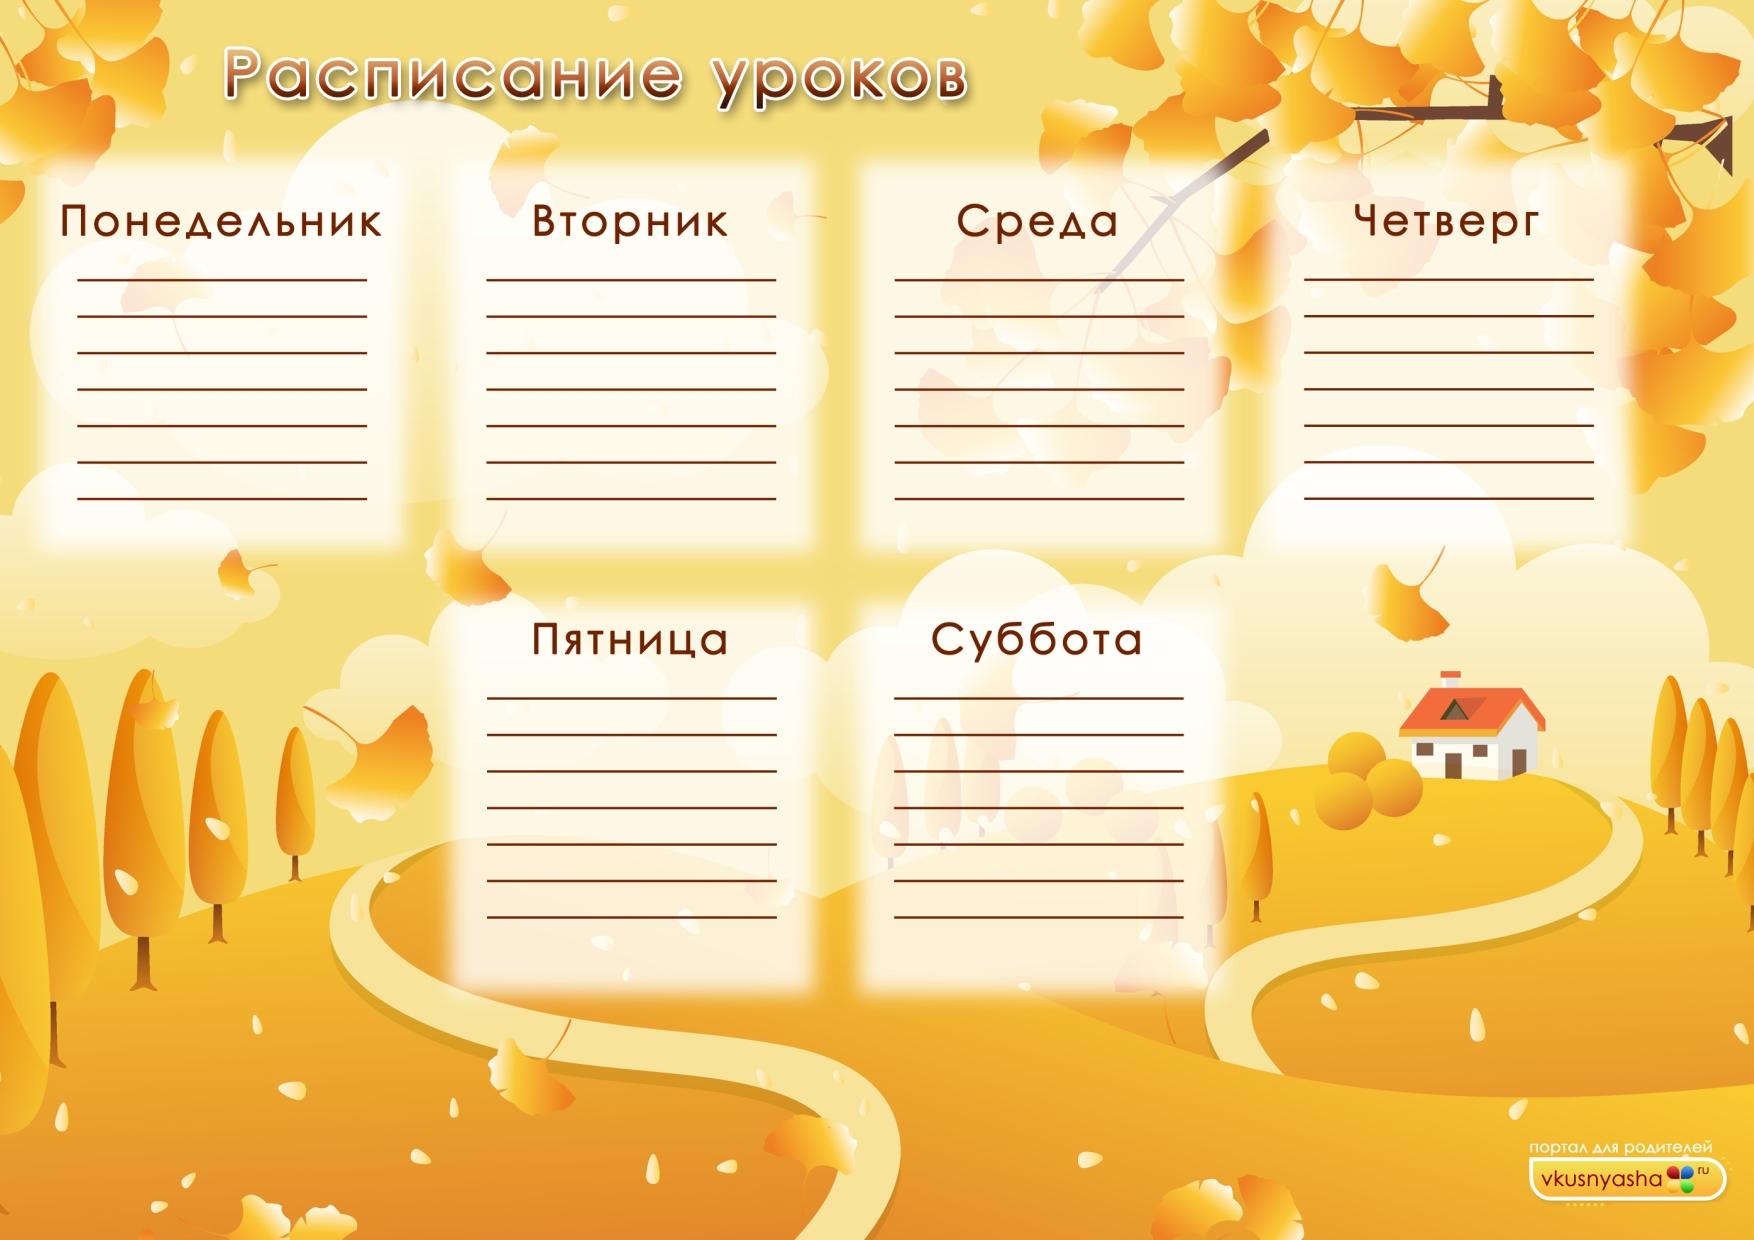 Расписание уроков бланк скачать